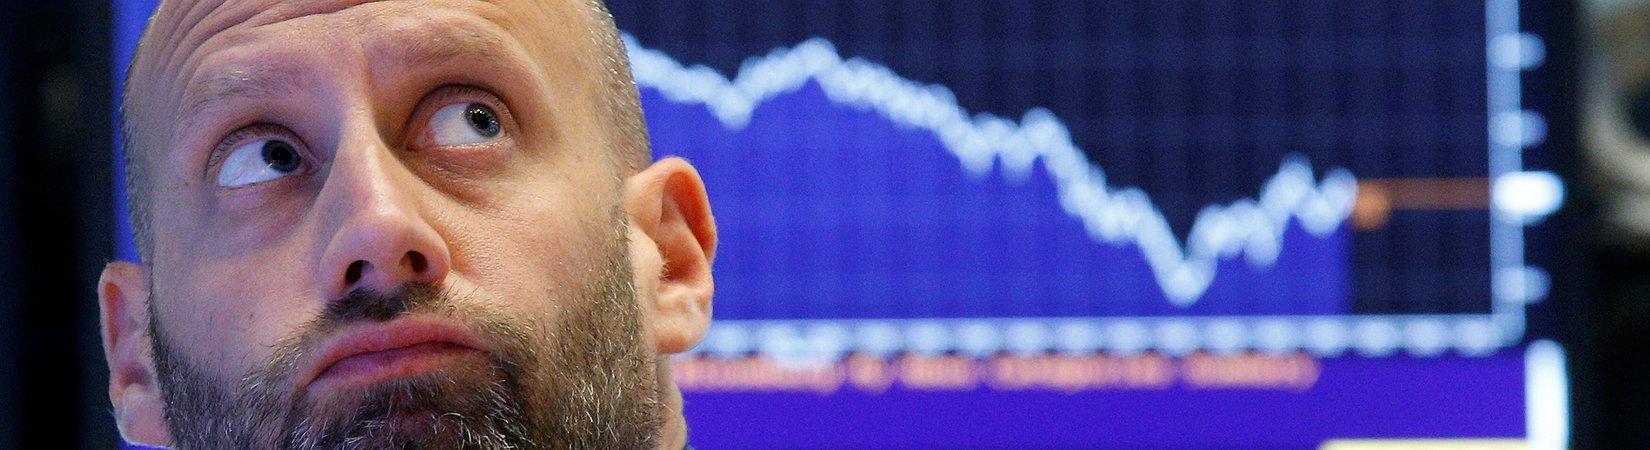 Caen las acciones del mercado estadounidense en medio de la creciente atención a las decisiones recientes de Trump